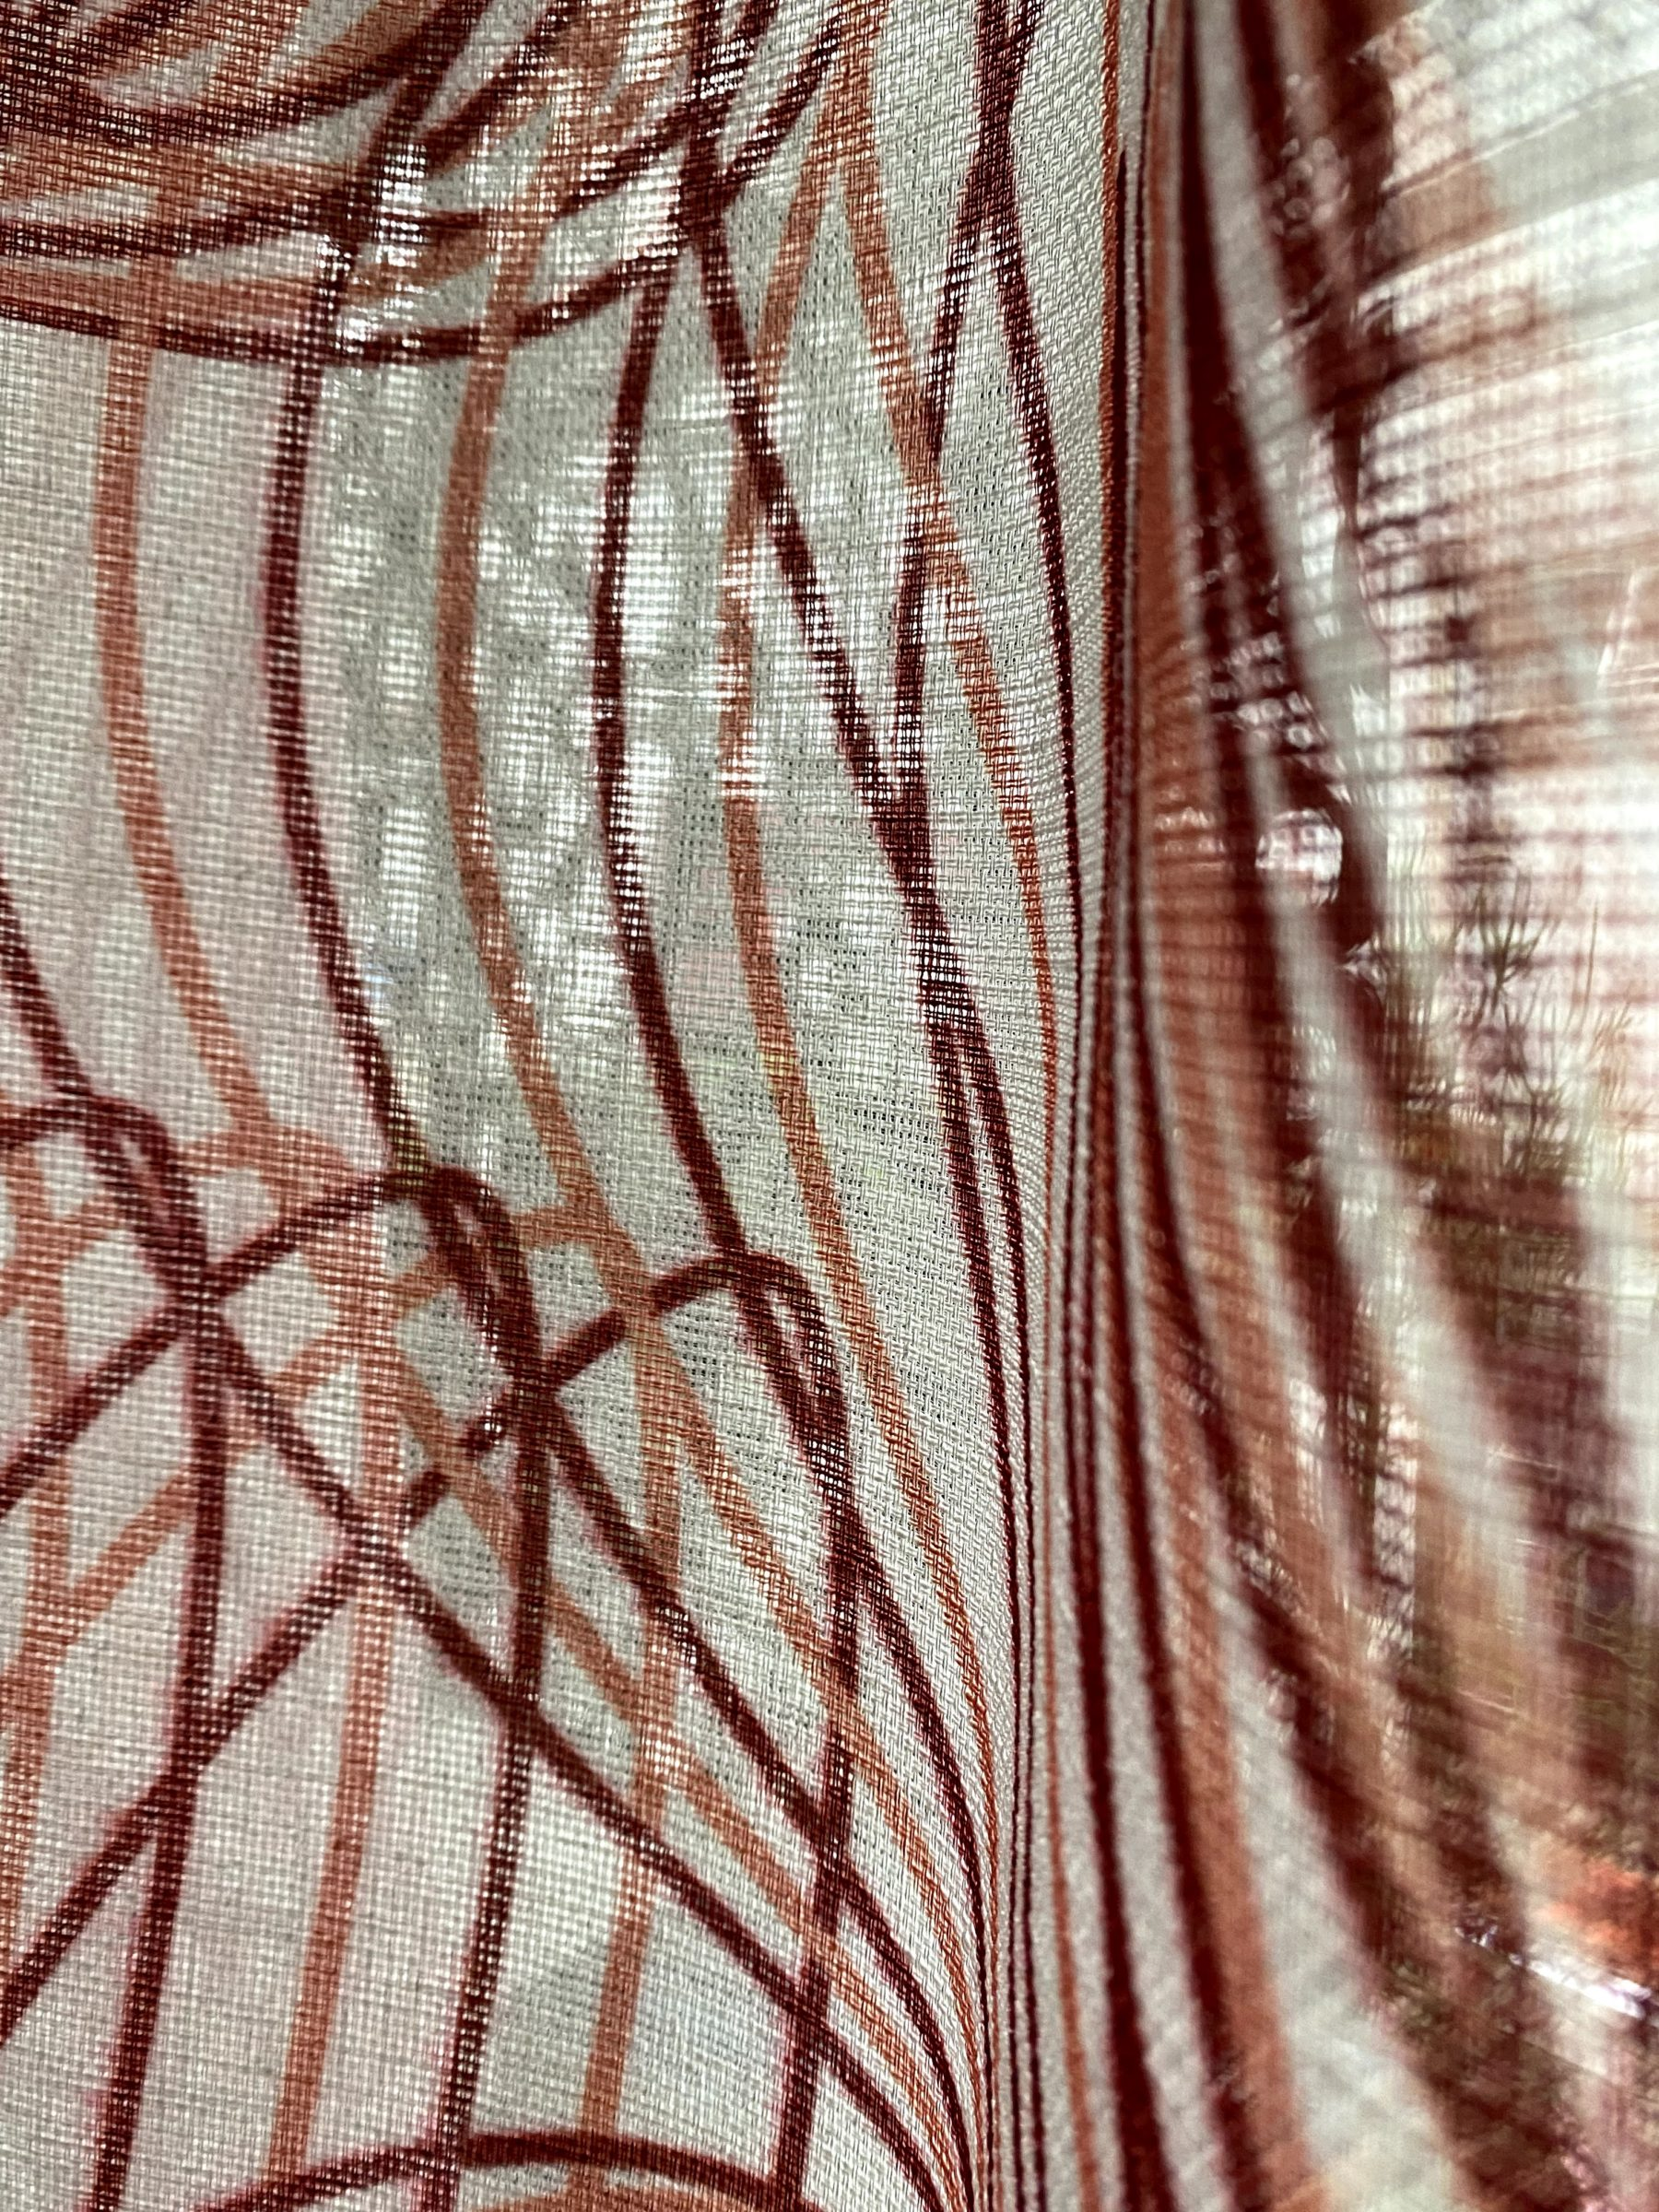 Útiretario, una exposición de Pedro y Juana por AGO Projects - utiretario-una-exposicion-de-pedro-y-juana-por-ago-projects-arte-exposicion-reforma-2